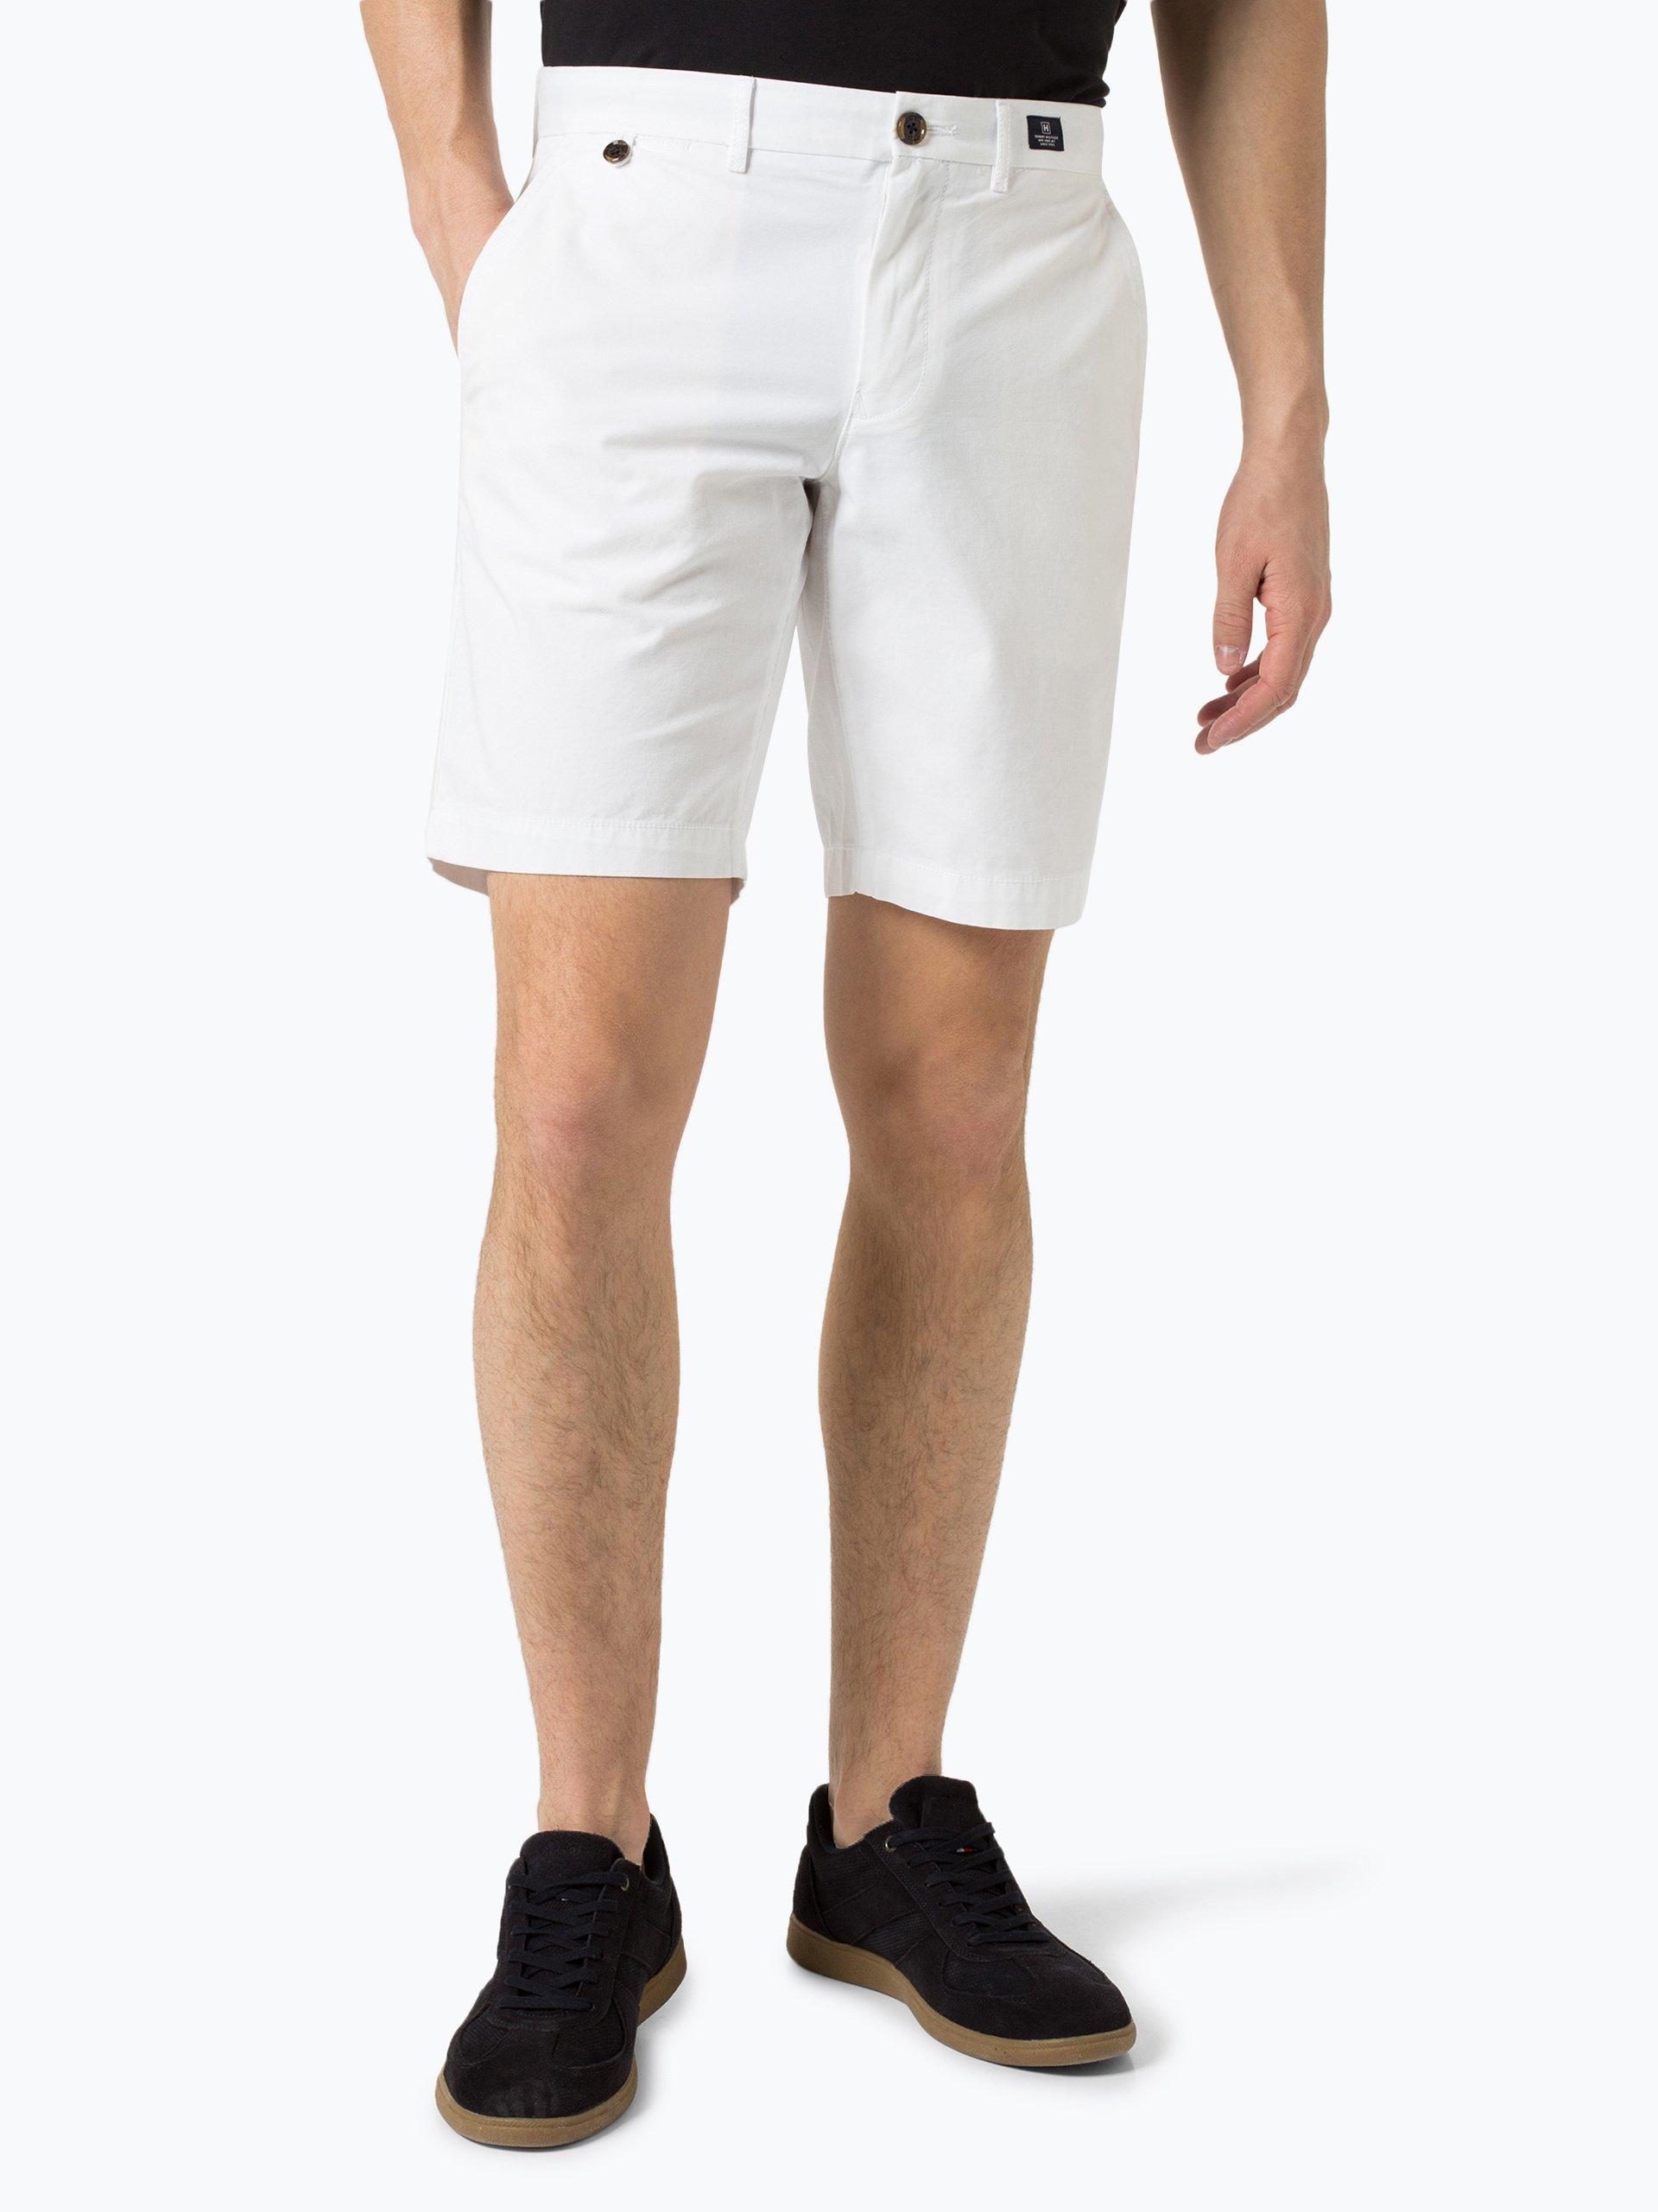 tommy hilfiger herren shorts wei uni online kaufen. Black Bedroom Furniture Sets. Home Design Ideas